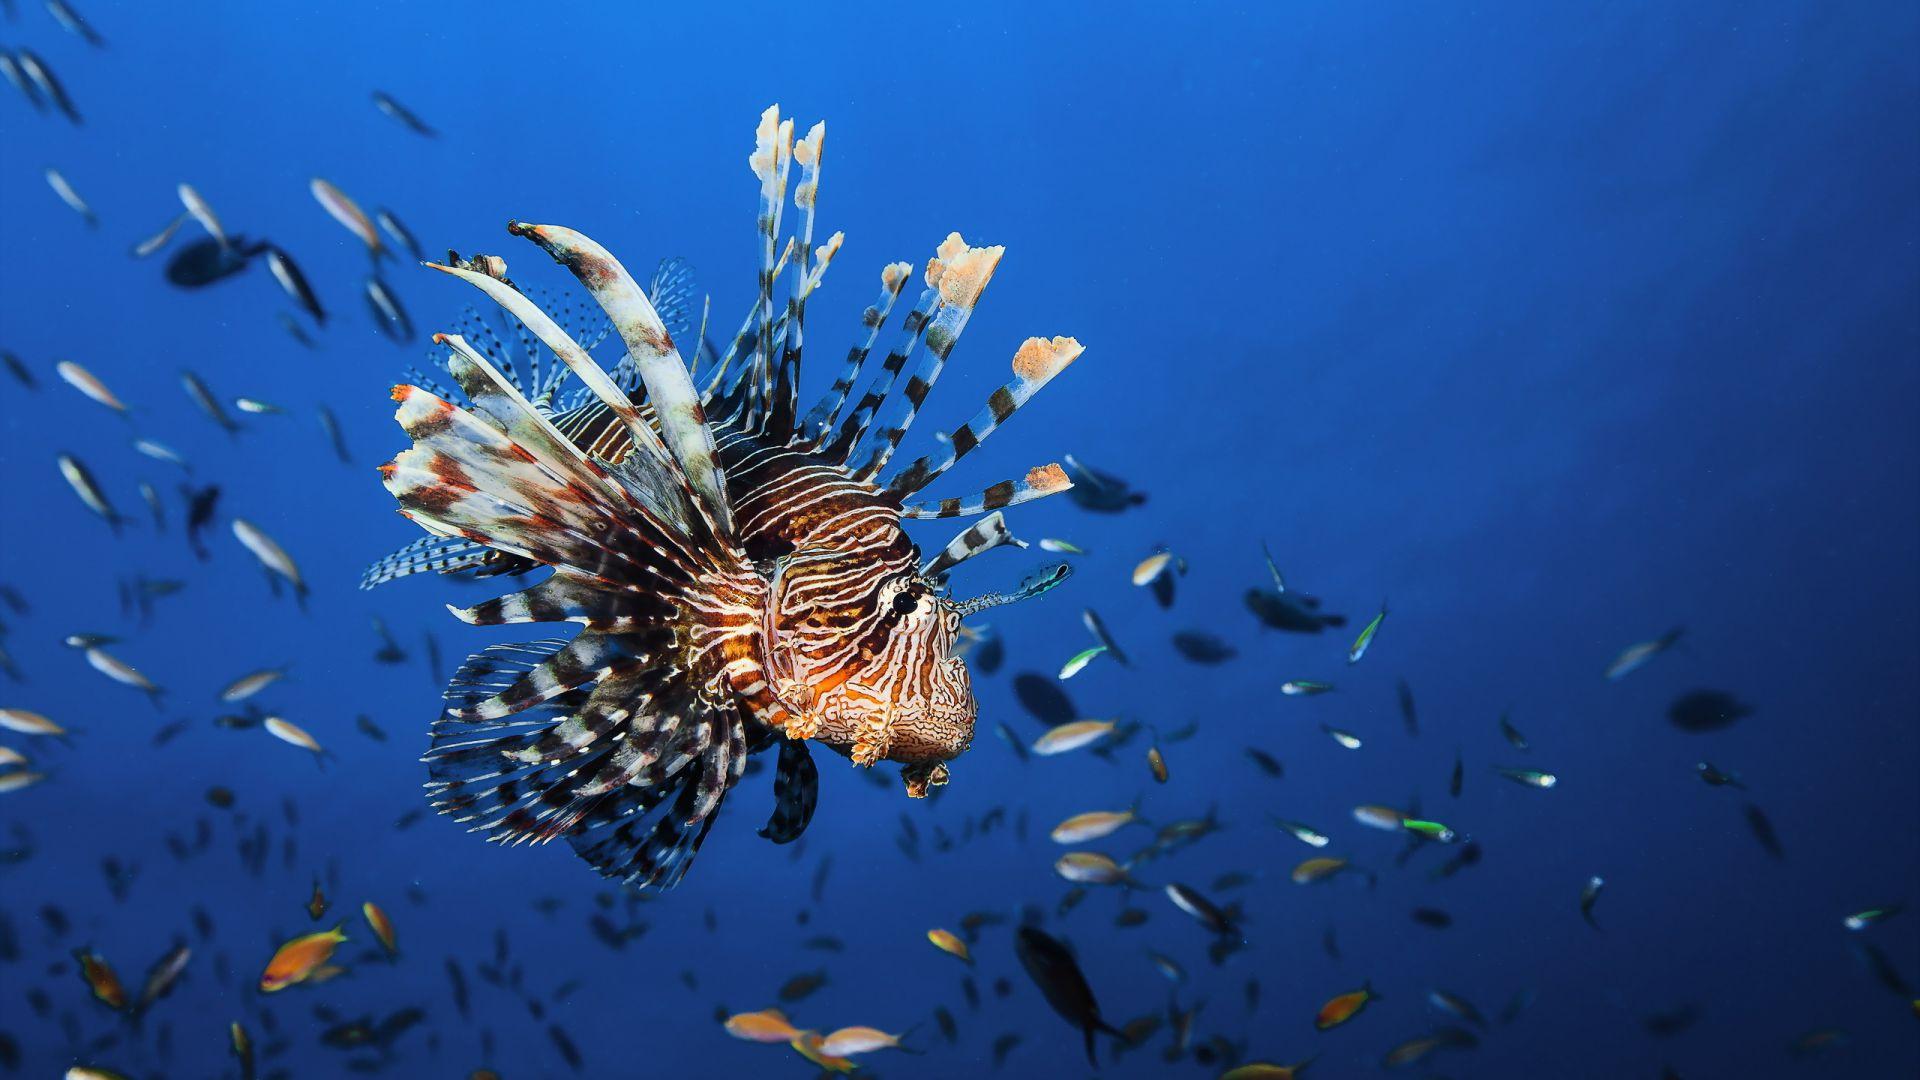 wallpaper lionfish  underwater  best diving sites  animals